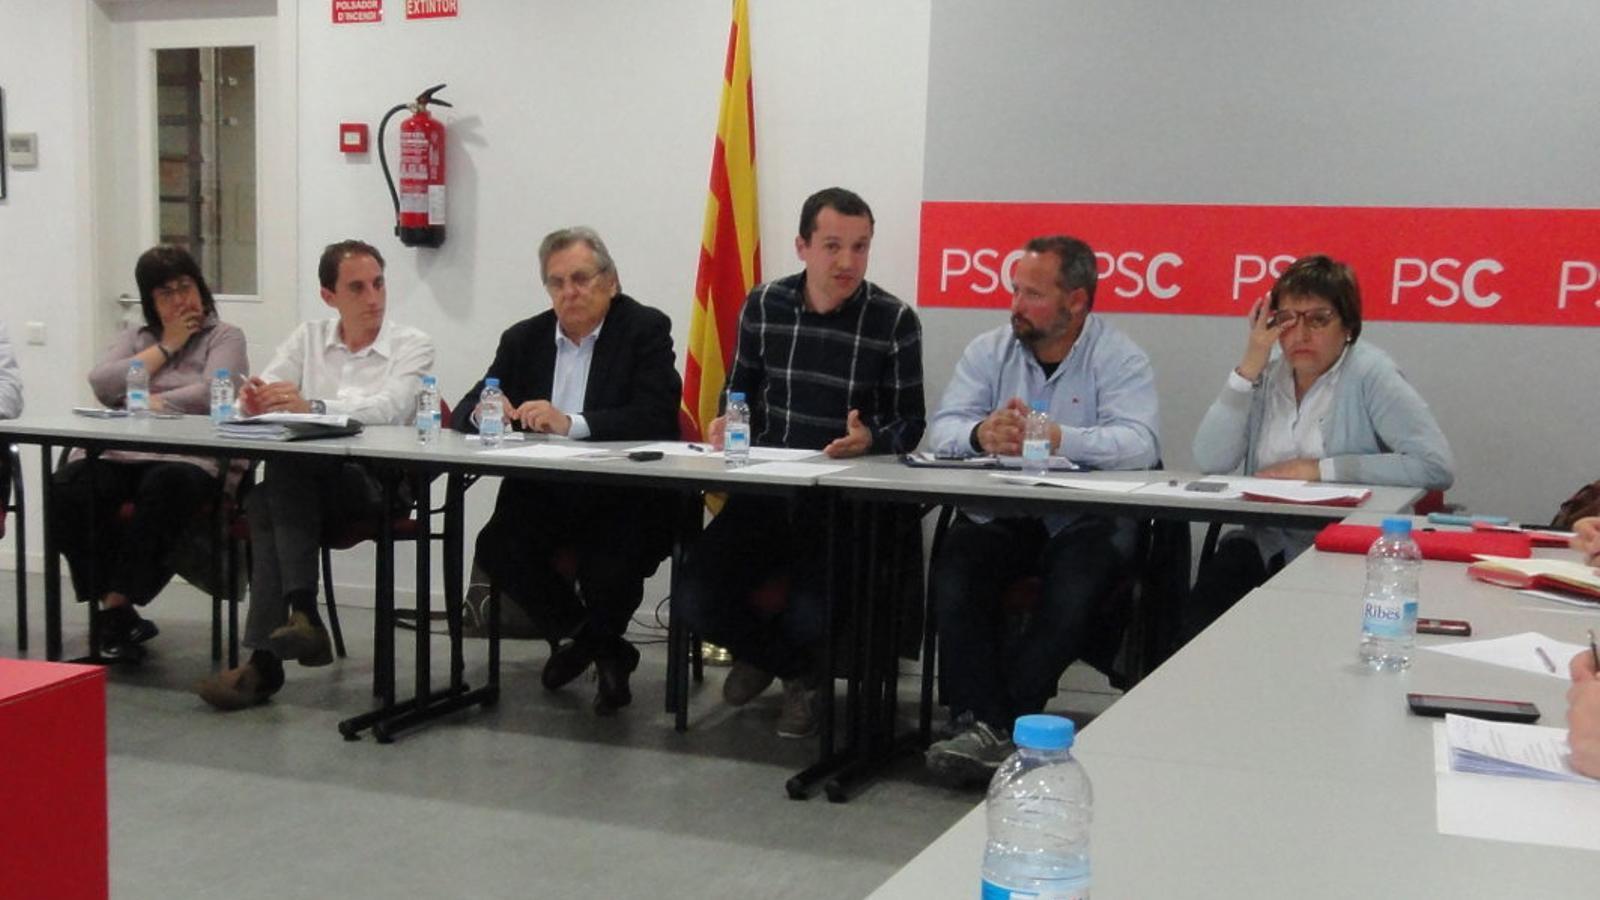 José Crespín, el segon per l'esquerra amb camisa blanca, en una reunió del PSC a Lleida.